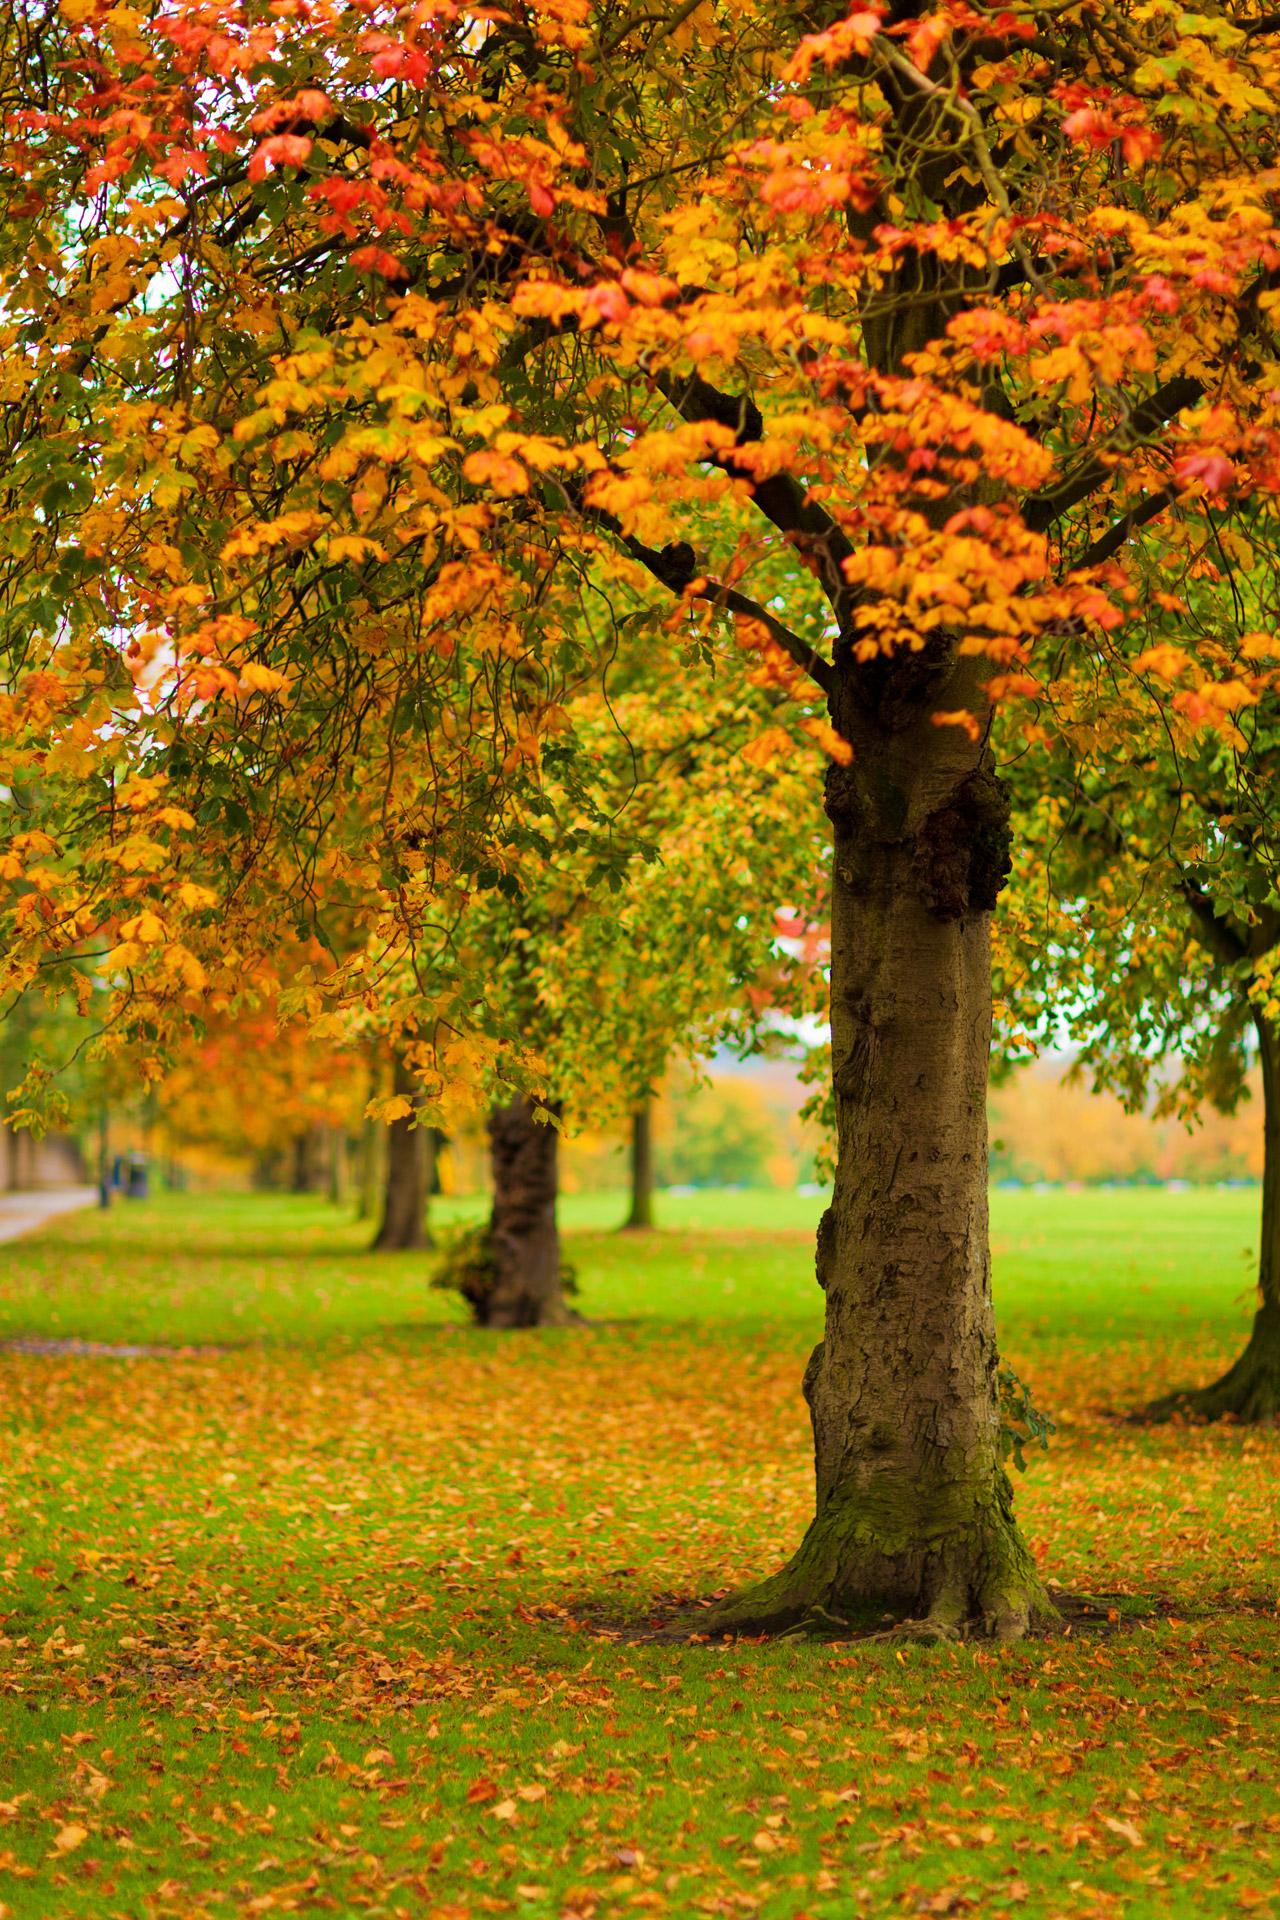 Autumn Park Free Stock Photo - Public Domain Pictures